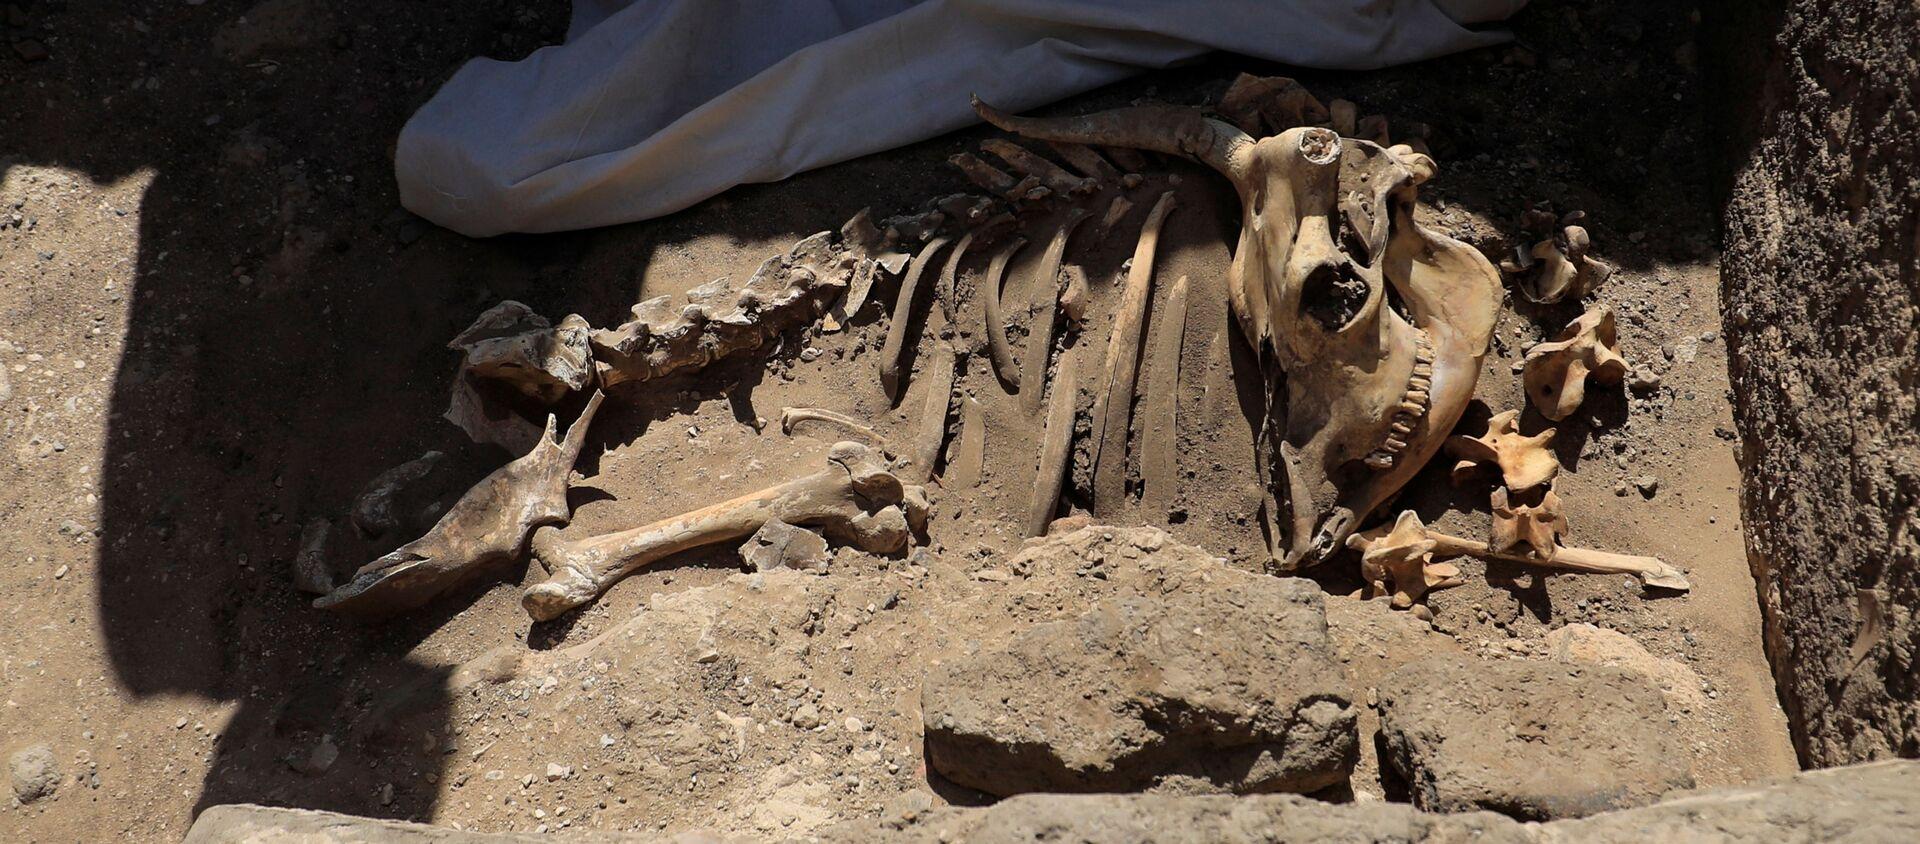 I resti scheletrici di animali da Città d'oro perduta'', che è stata scoperta dagli archeologi, nella Cisgiordania di Luxor, nell'Alto Egitto, il 10 aprile 2021 - Sputnik Italia, 1920, 11.04.2021